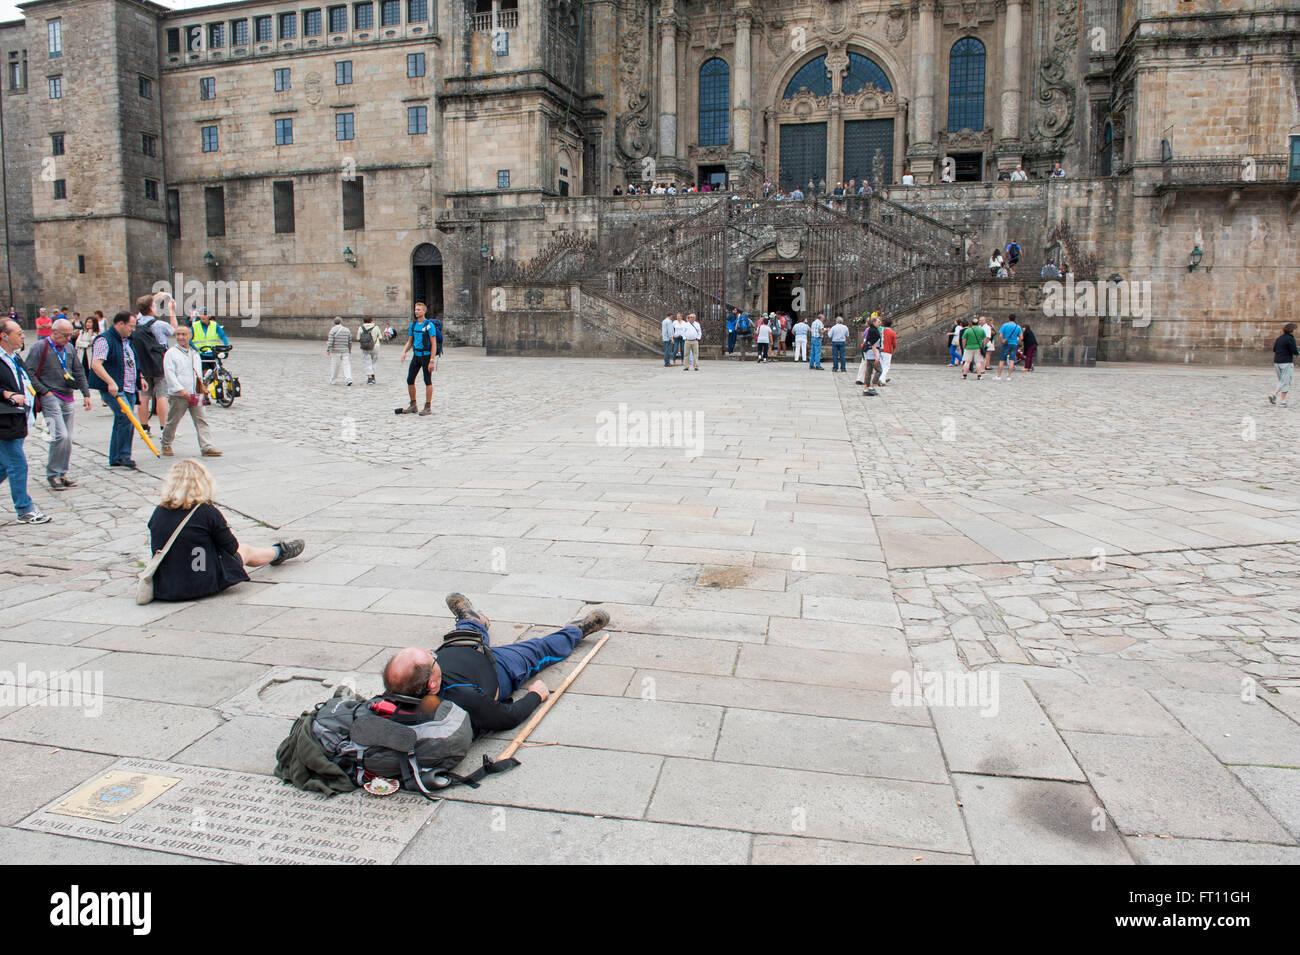 Au repos des pèlerins en face de la Cathédrale, Saint Jacques de Compostelle, Galice, Espagne Banque D'Images